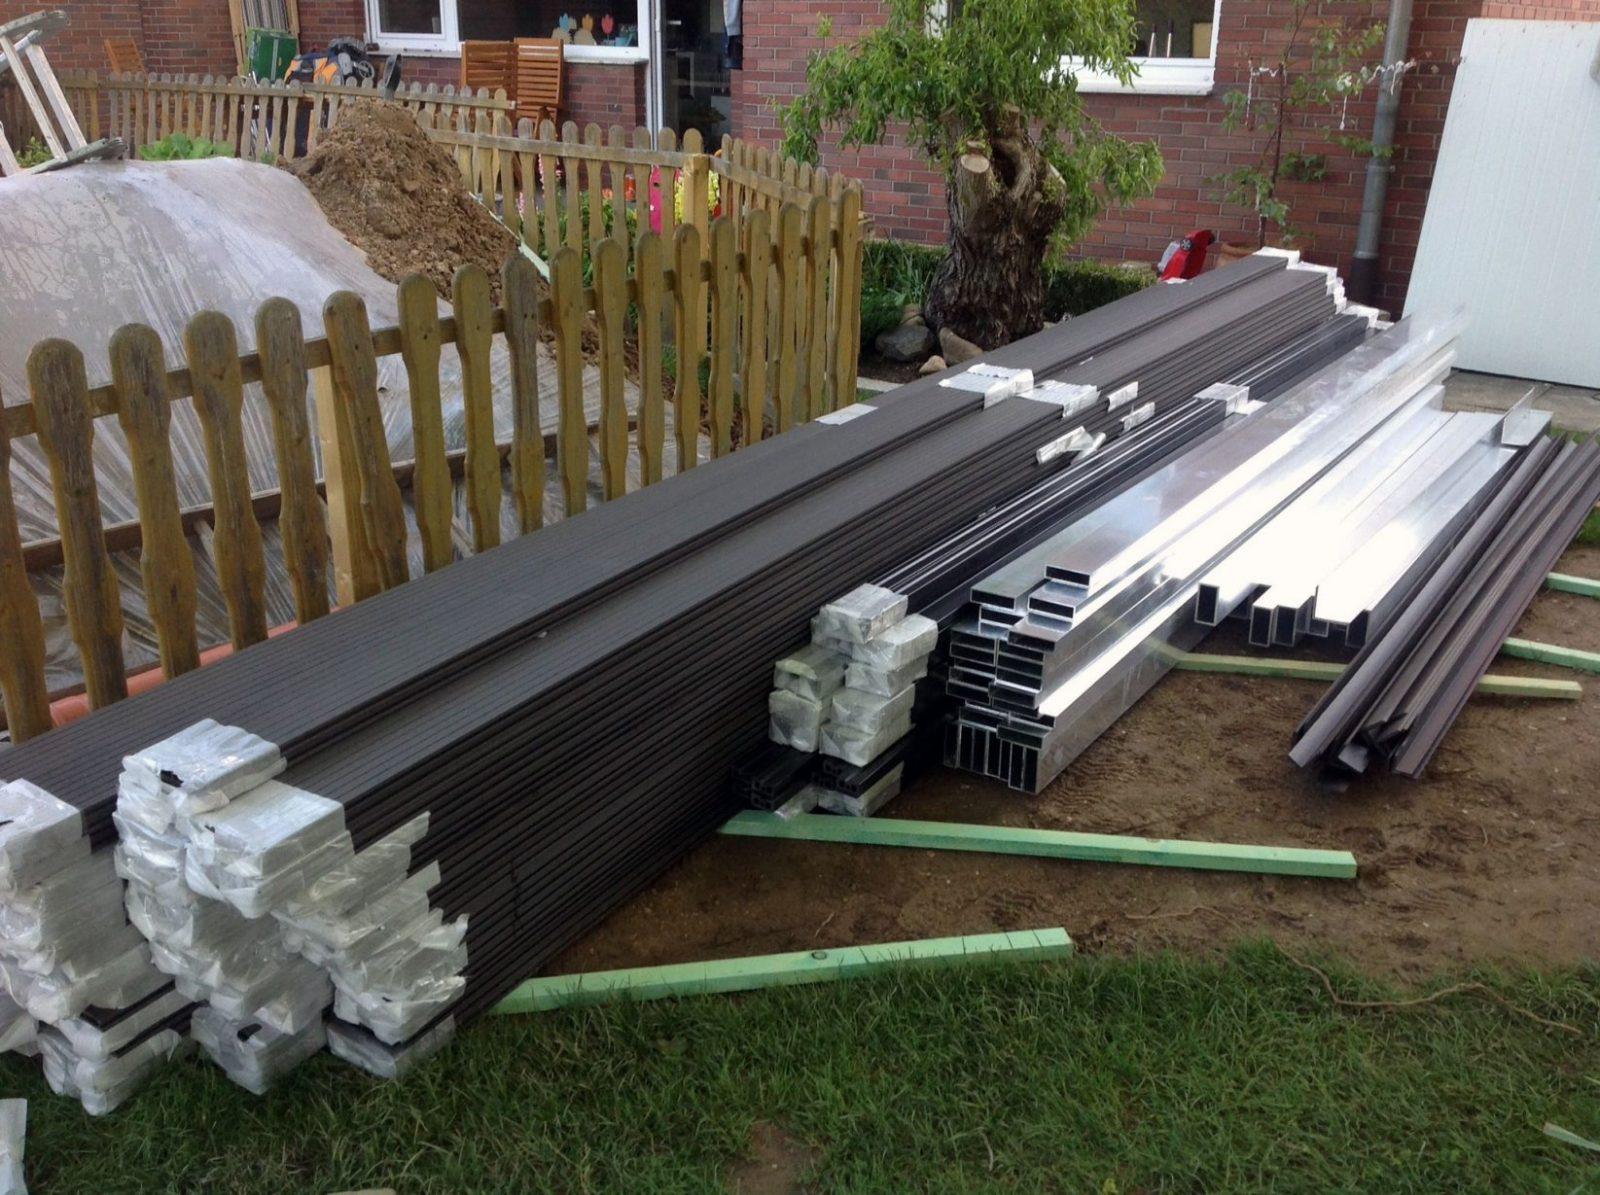 Bauanleitung Wie Du Deinen Pool Zu Einer Terrasse Umfunktionieren von Pool Deck Selber Bauen Bild